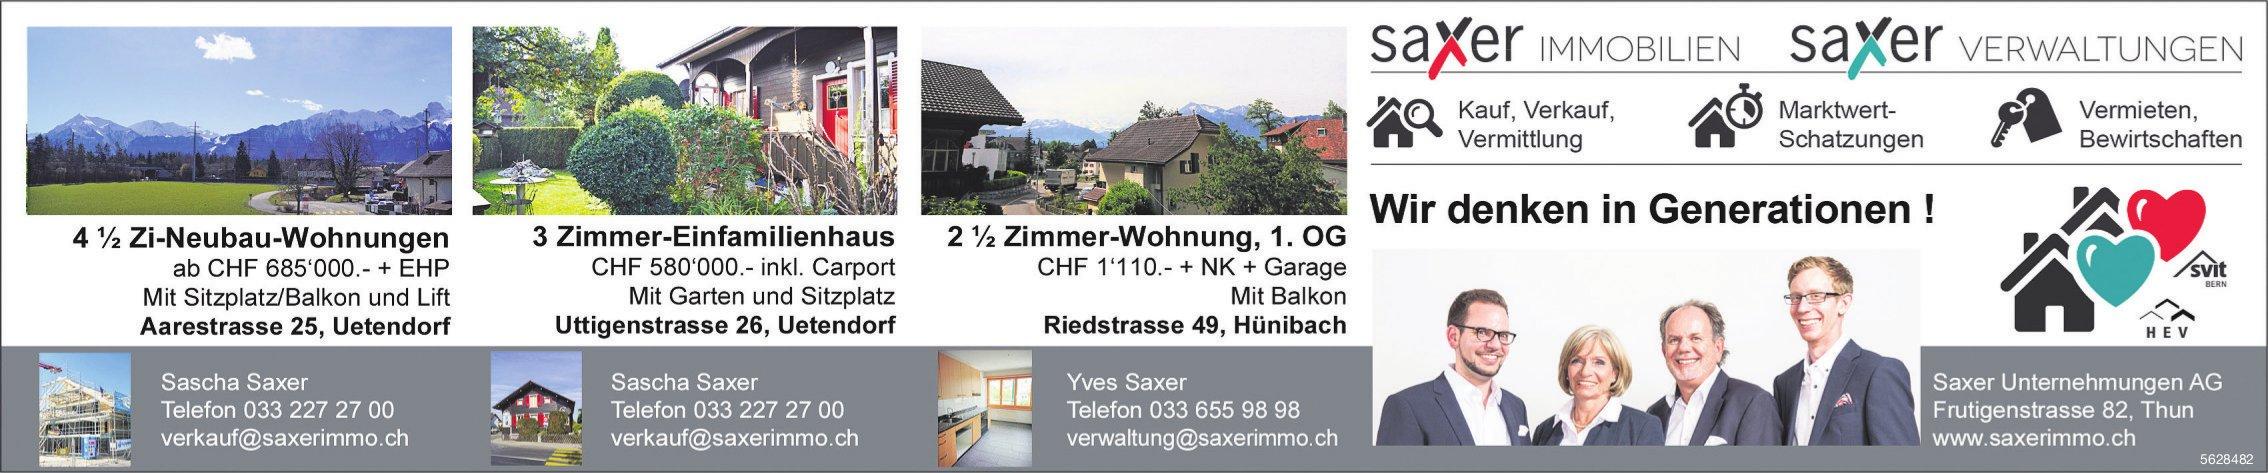 Saxer Unternehmungen AG  - Immobilen zu verkaufen/zu vermieten